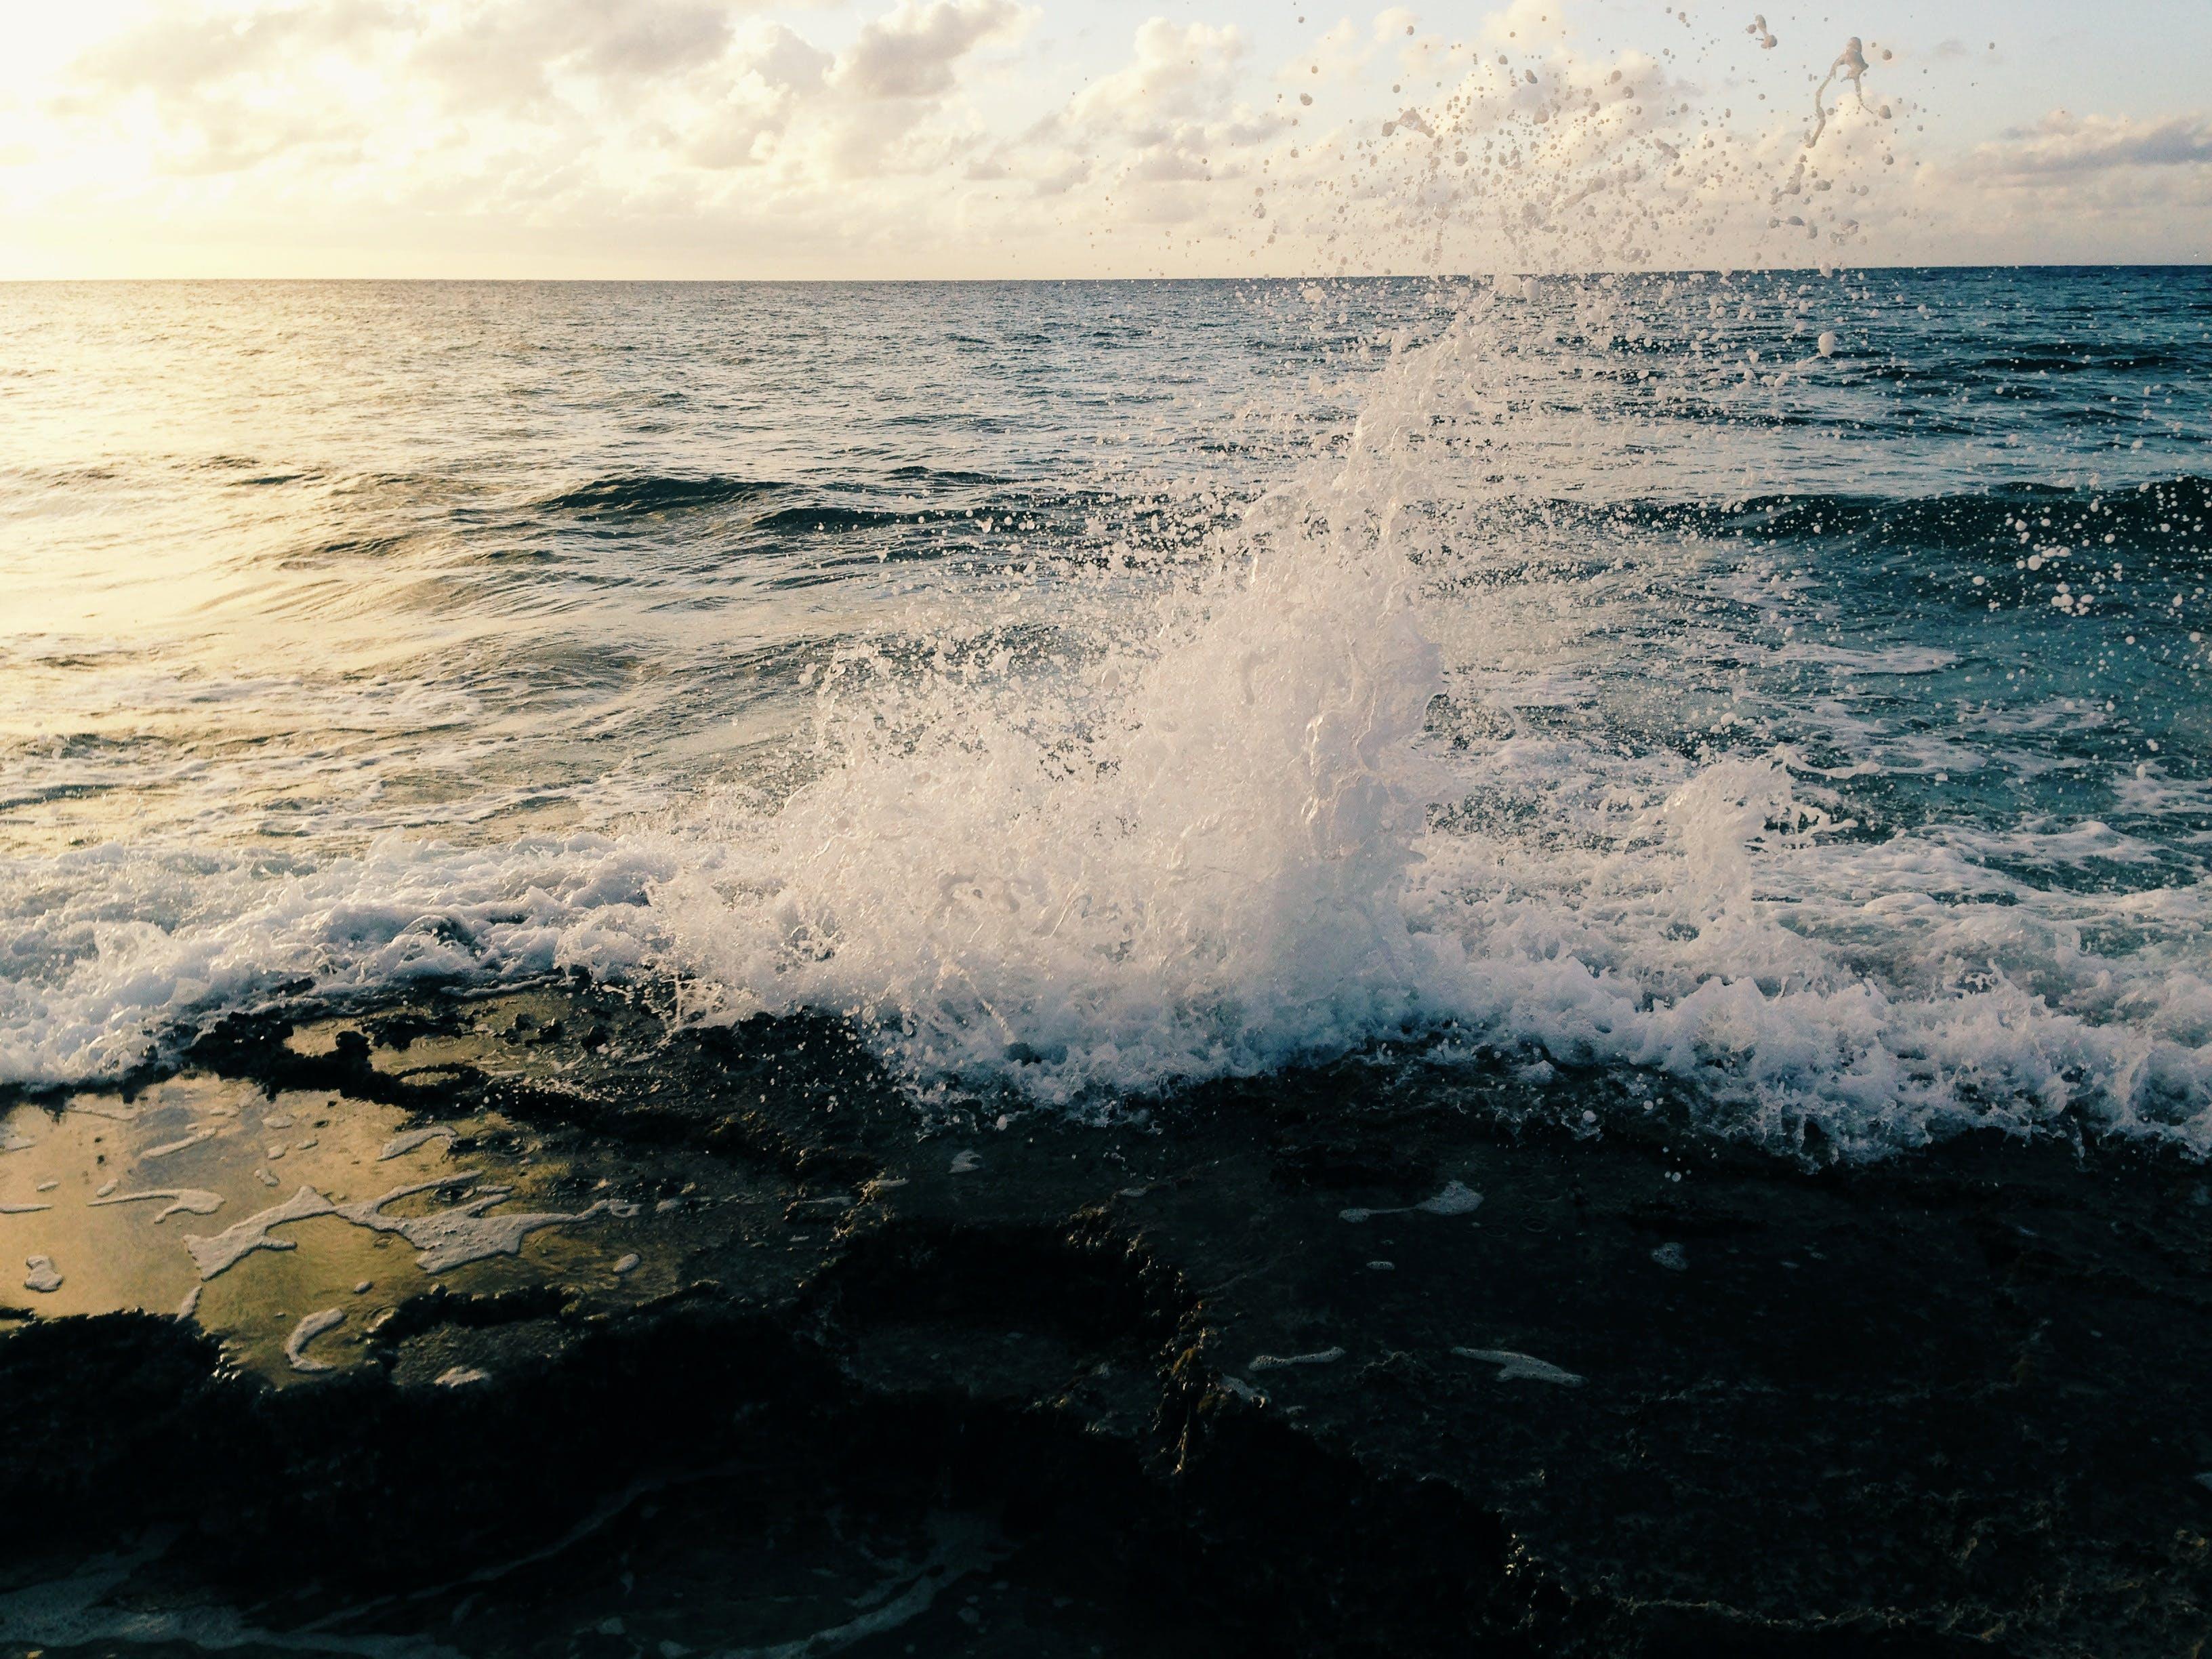 Free stock photo of sea, water, ocean, waves